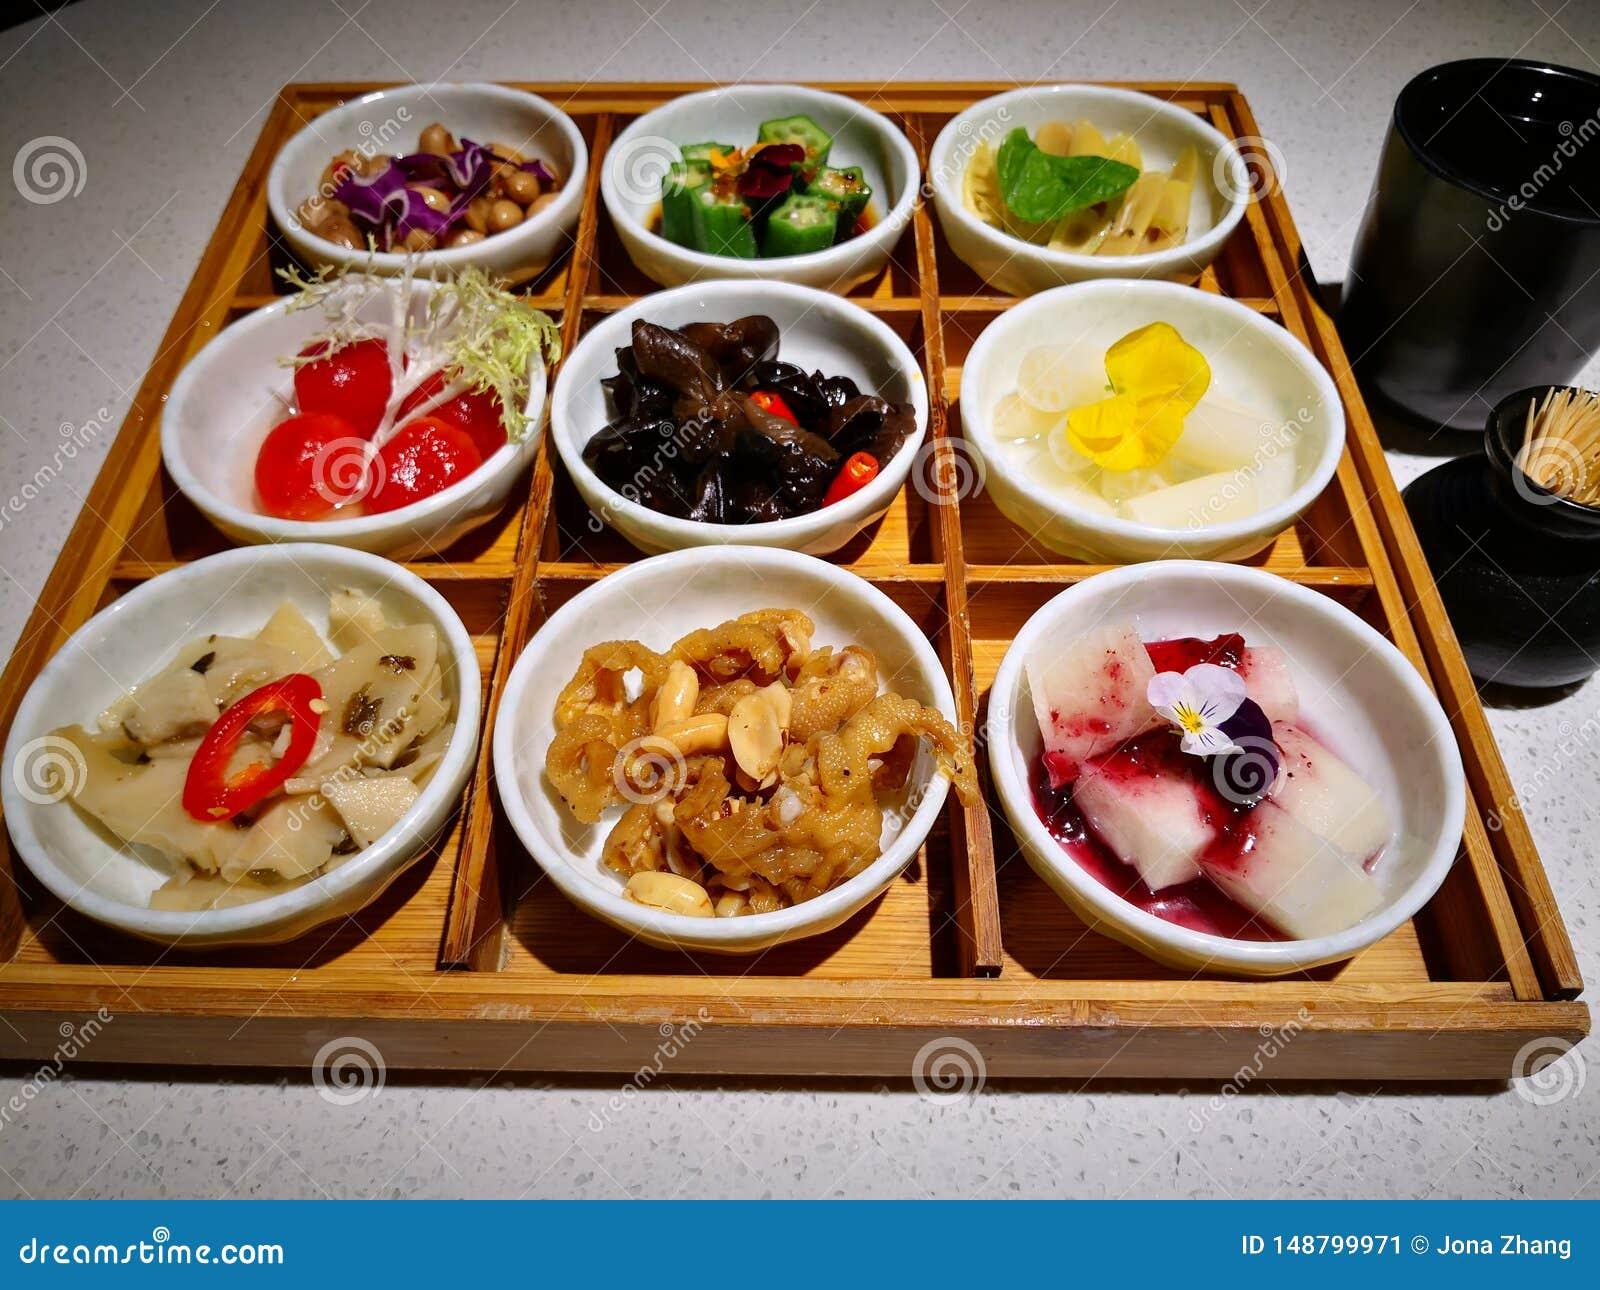 закуска Пре-обедающего в подносе 9 решеток